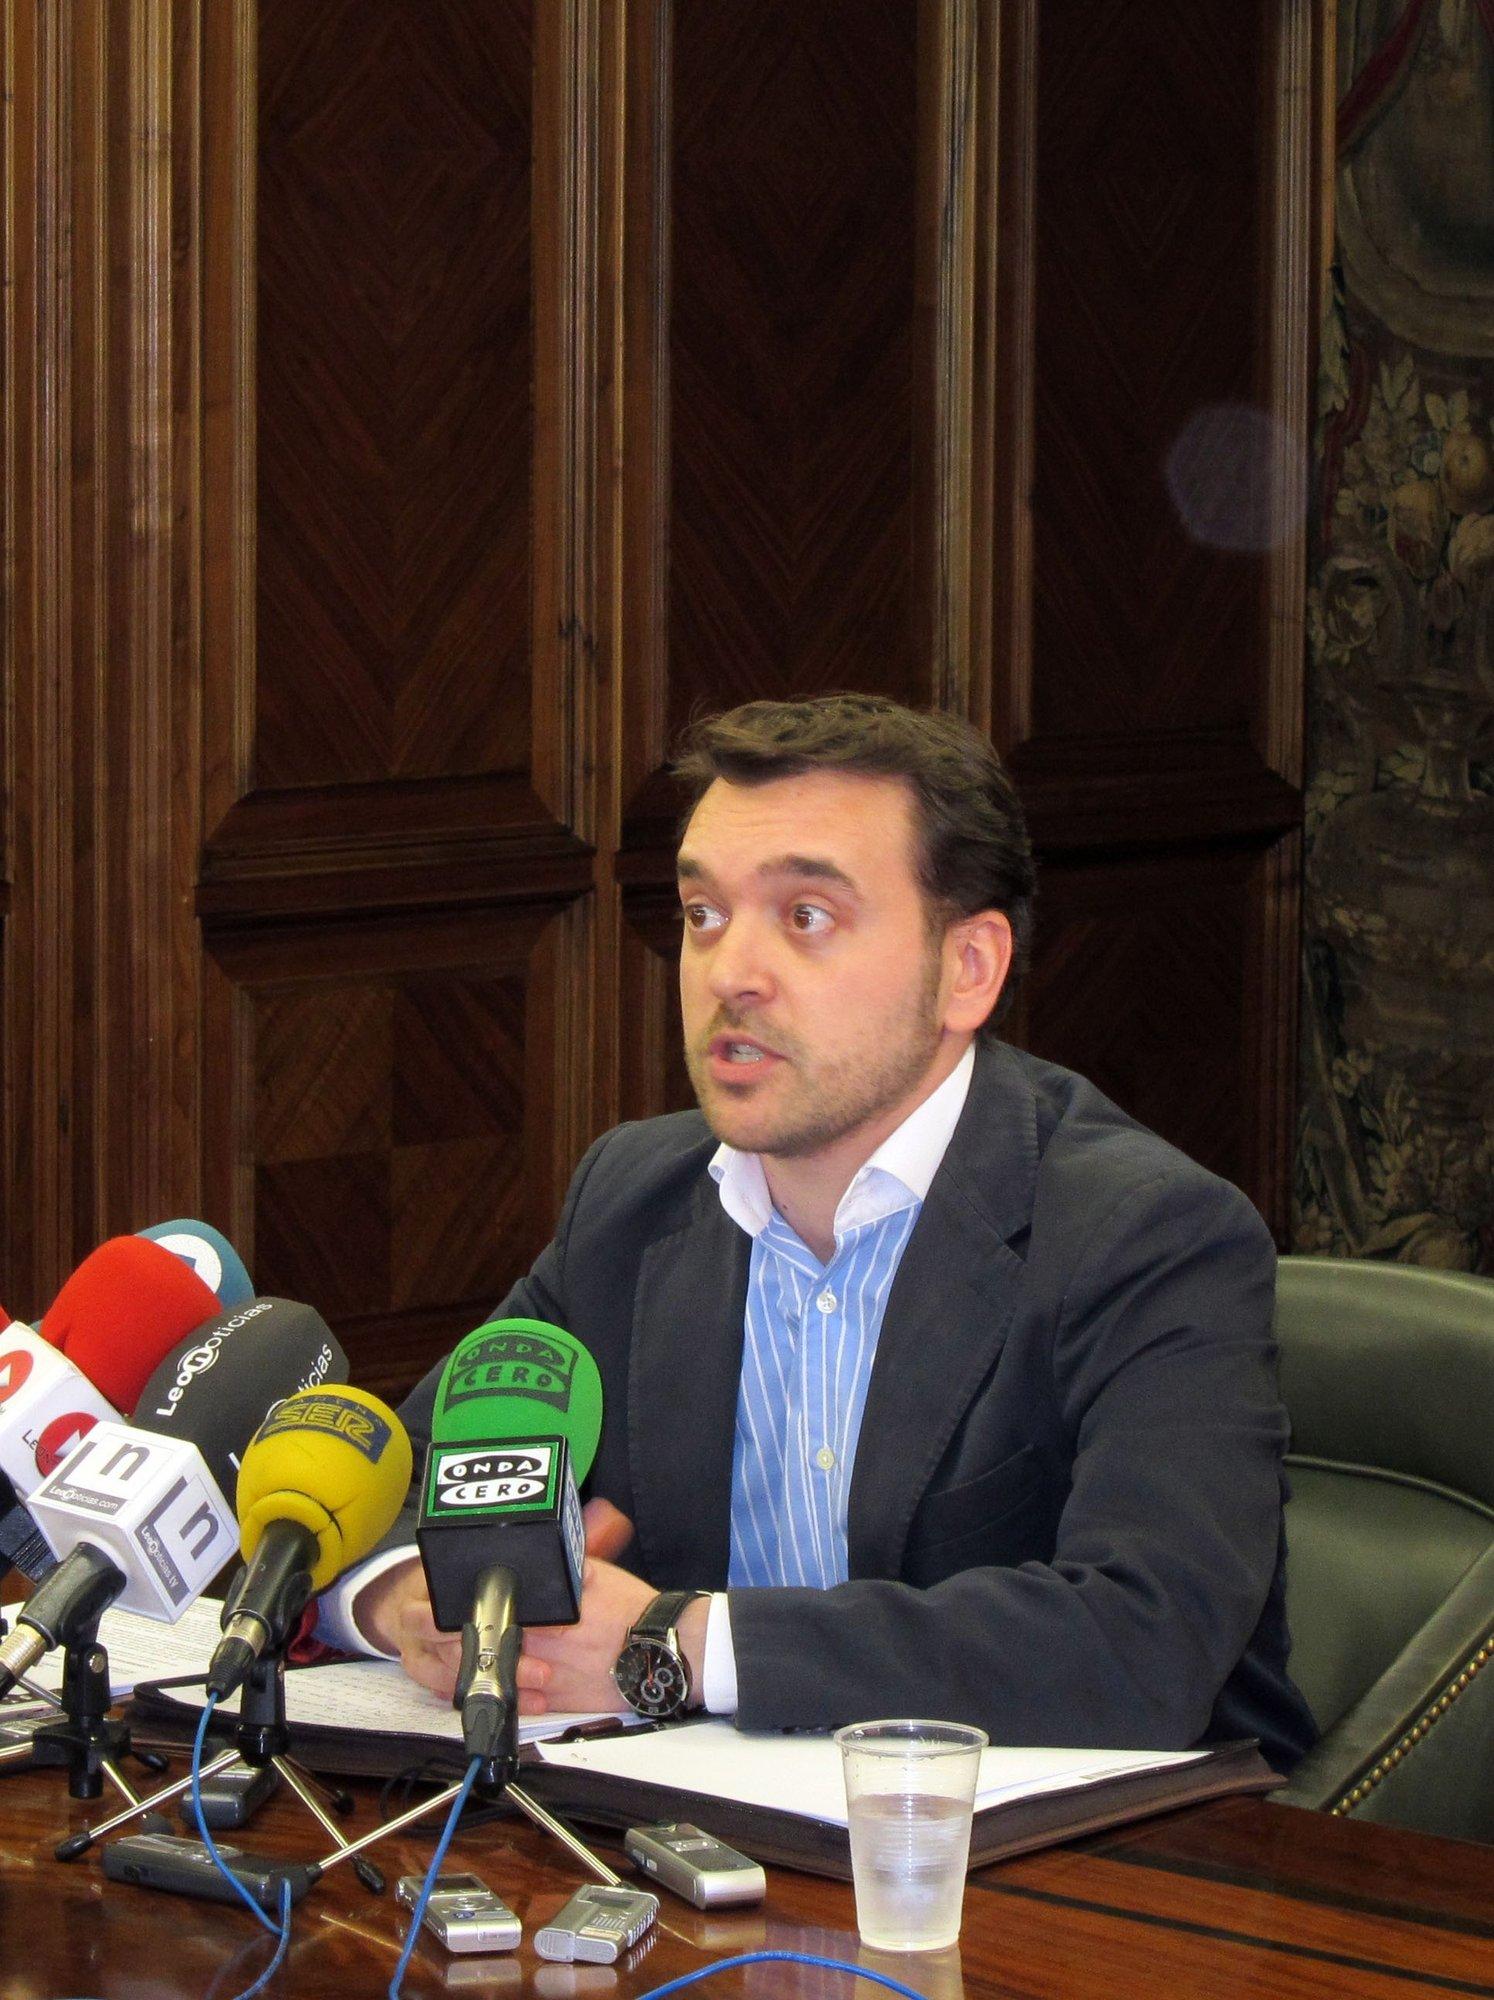 El Ayuntamiento de León plantea reducir la velocidad genérica en la ciudad de 50 a 40 kilómetros por hora